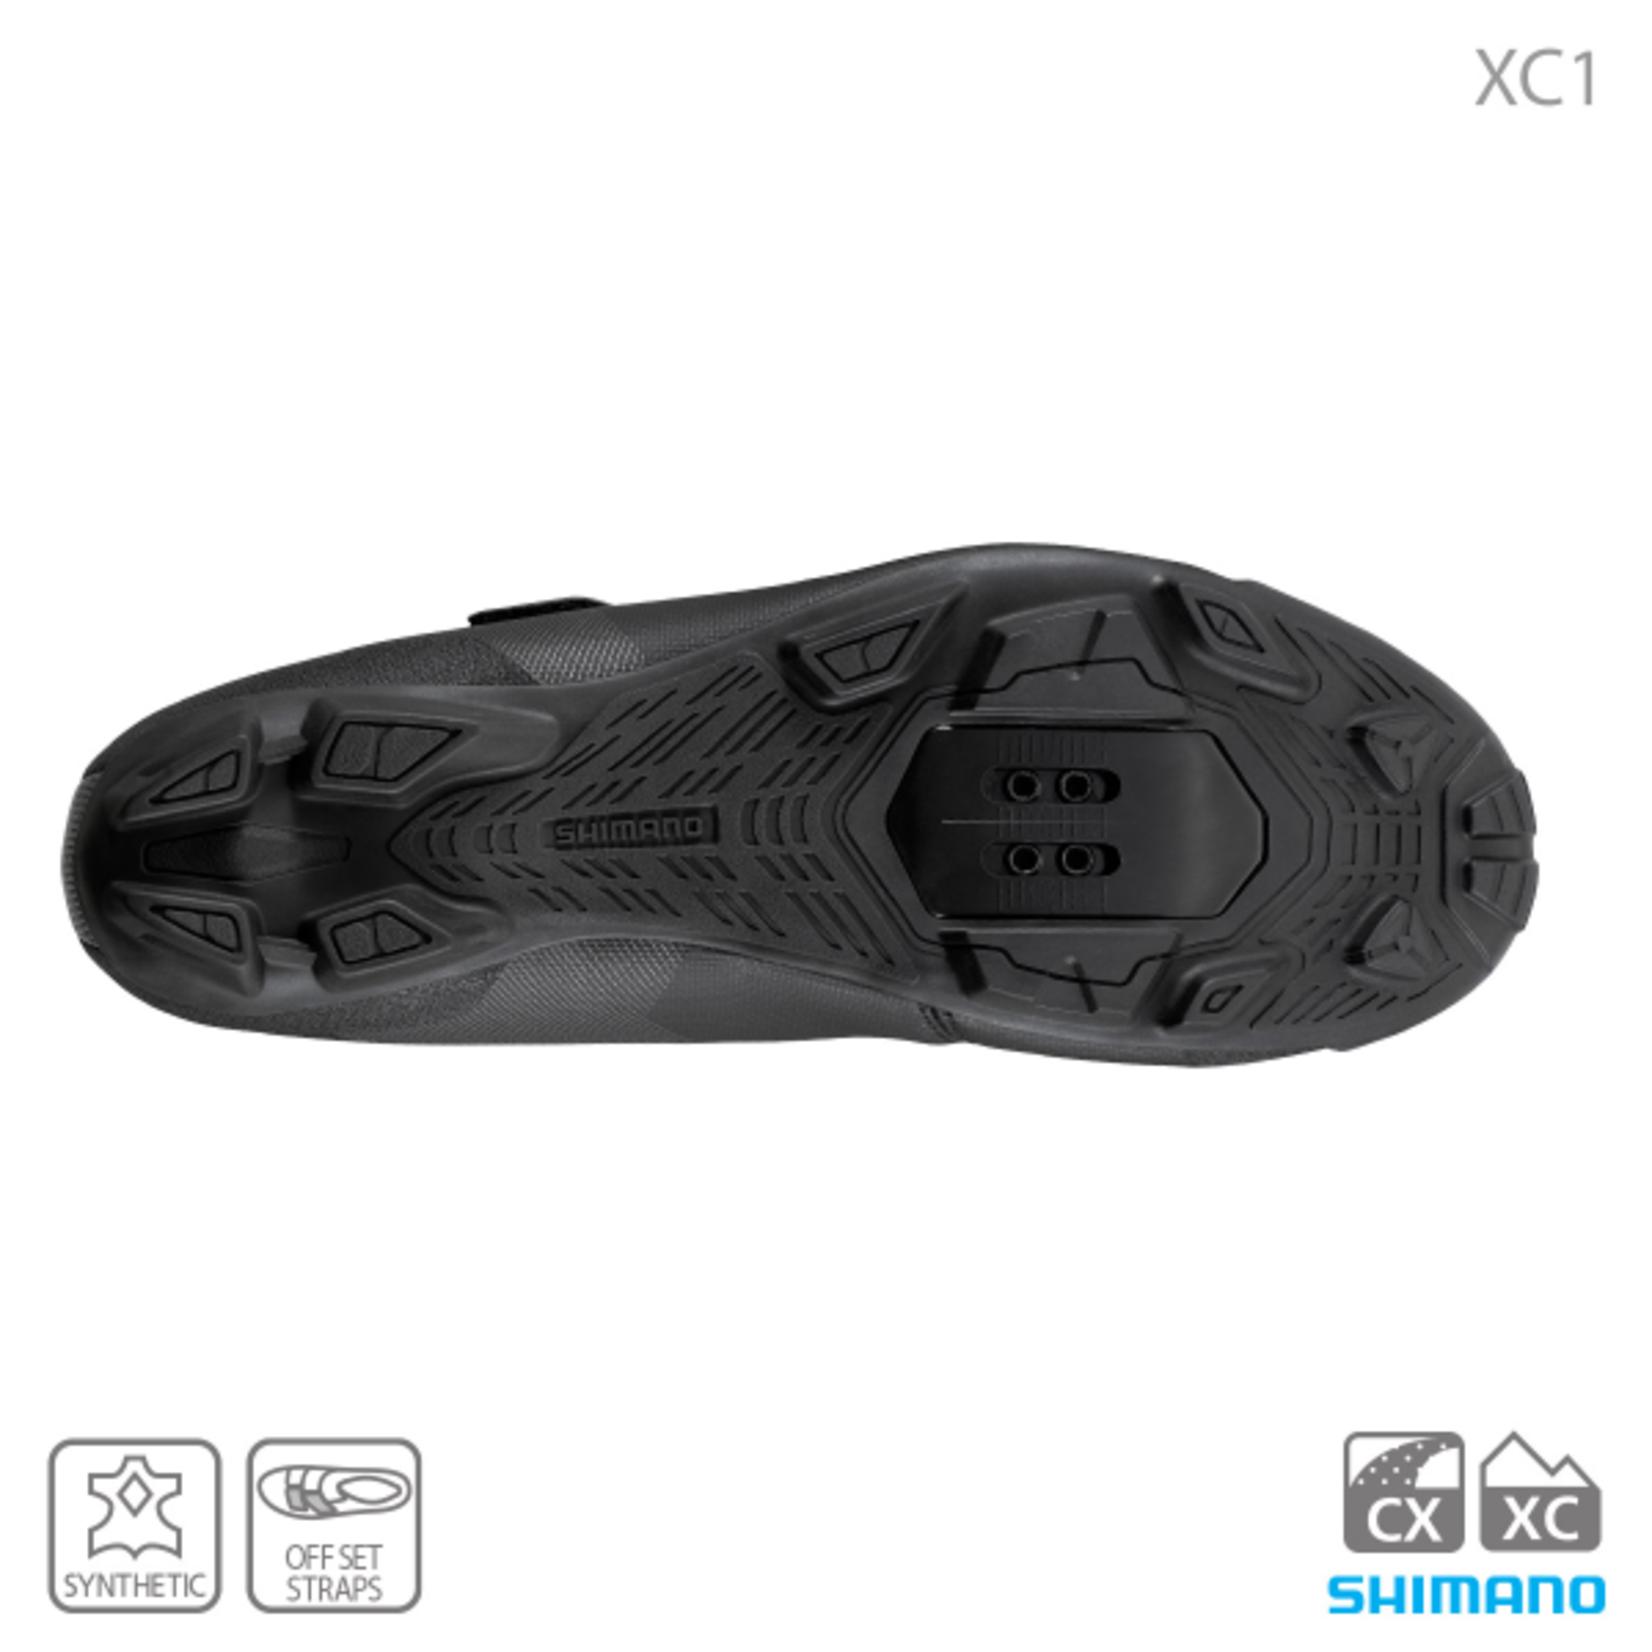 Shimano SH-XC100 MTB Shoes